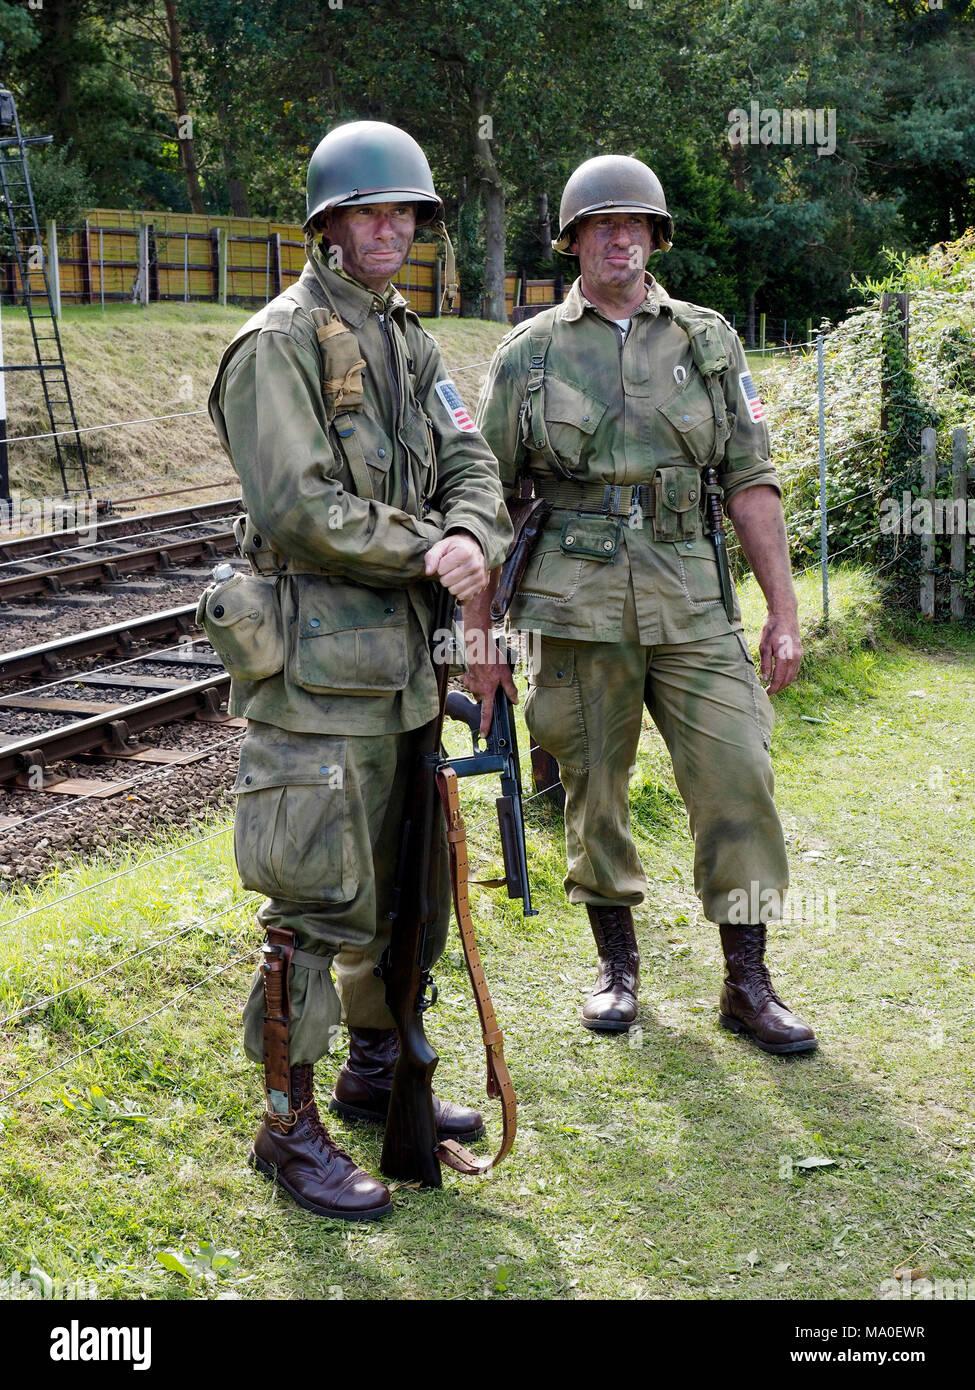 Reenactors offrent une excellente imitation de bataille nous lasse les troupes aéroportées dans une WW2 au cours d'un scénario 1940 événement sur le chemin North Norfolk. Photo Stock